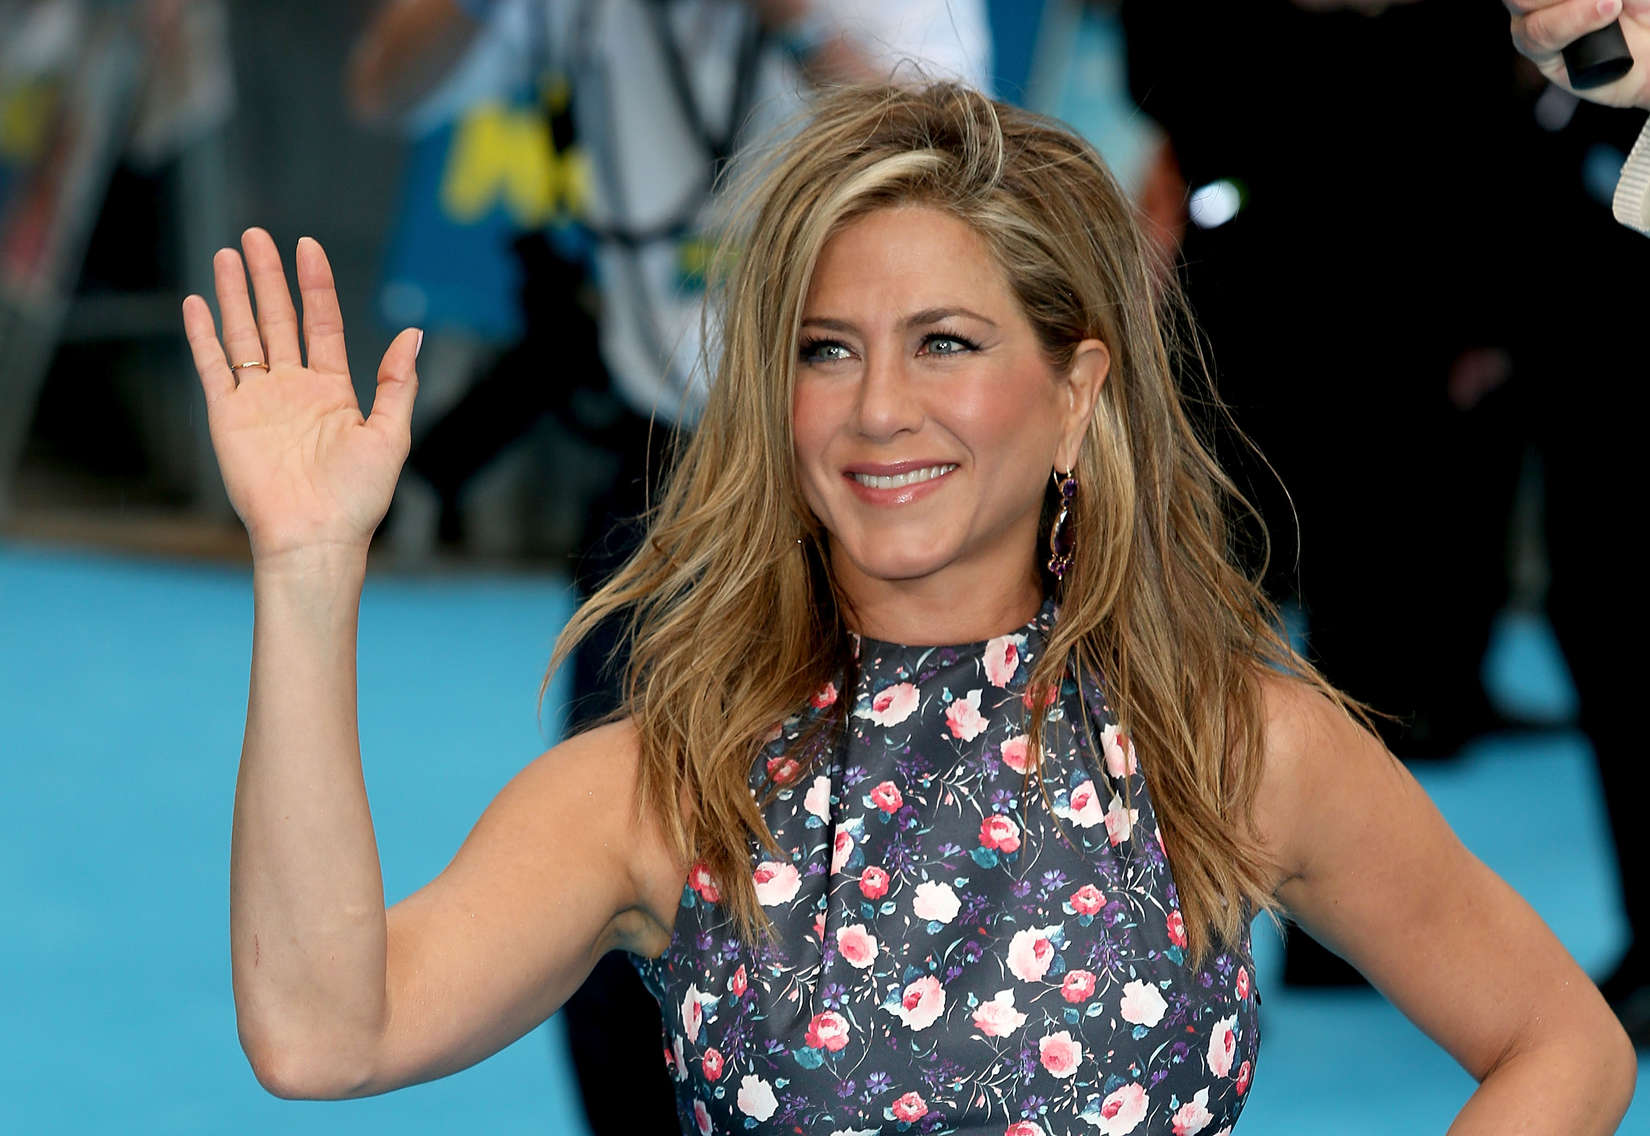 Haben Sie folgende 5 Filme mit Jennifer Aniston gesehen?